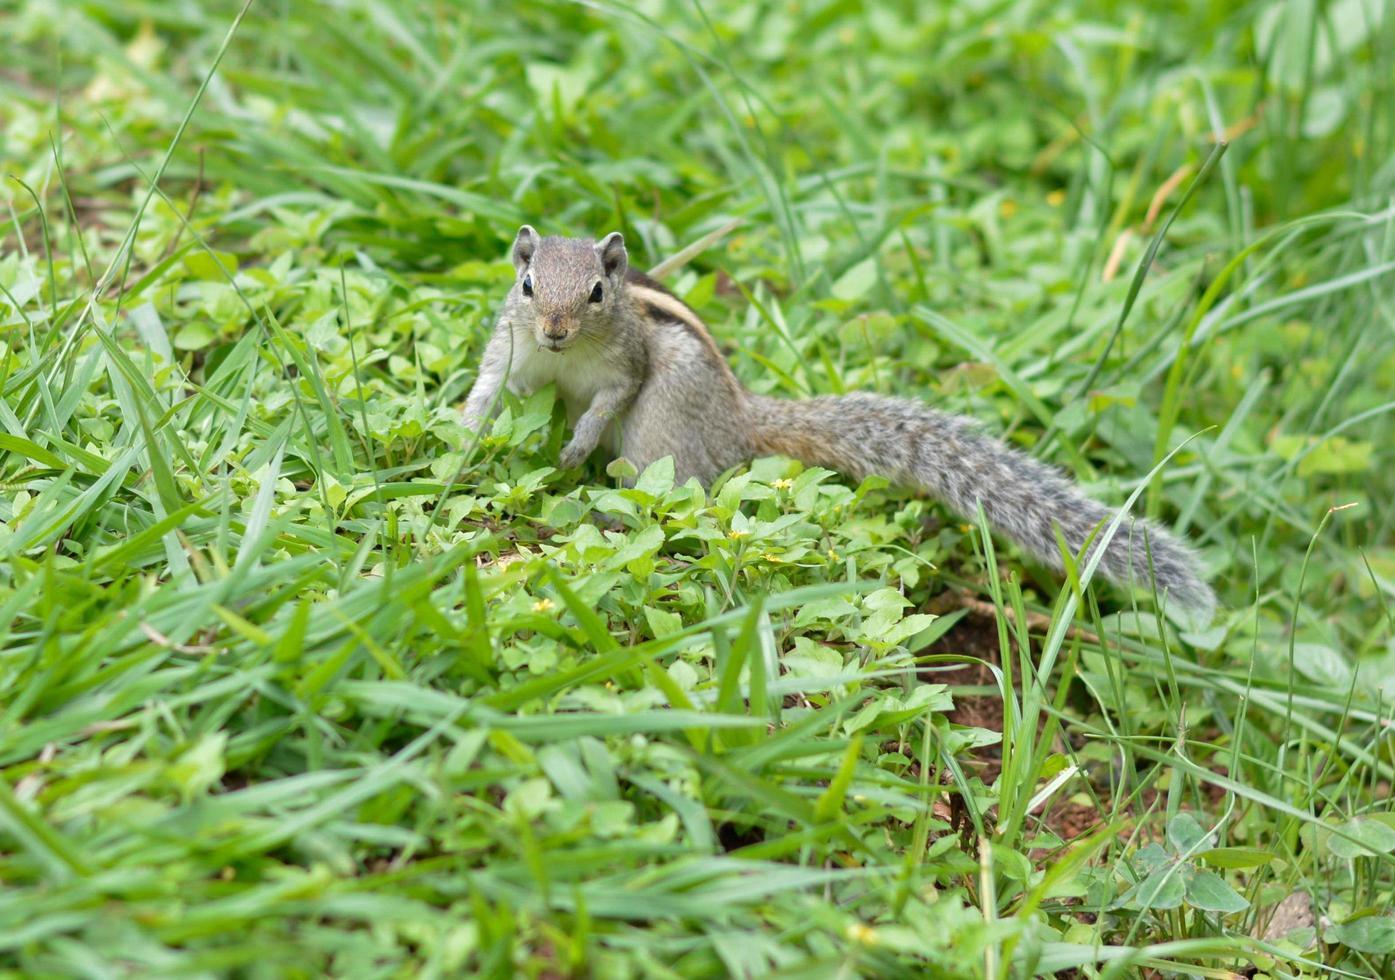 Eichhörnchen auf Gras foto